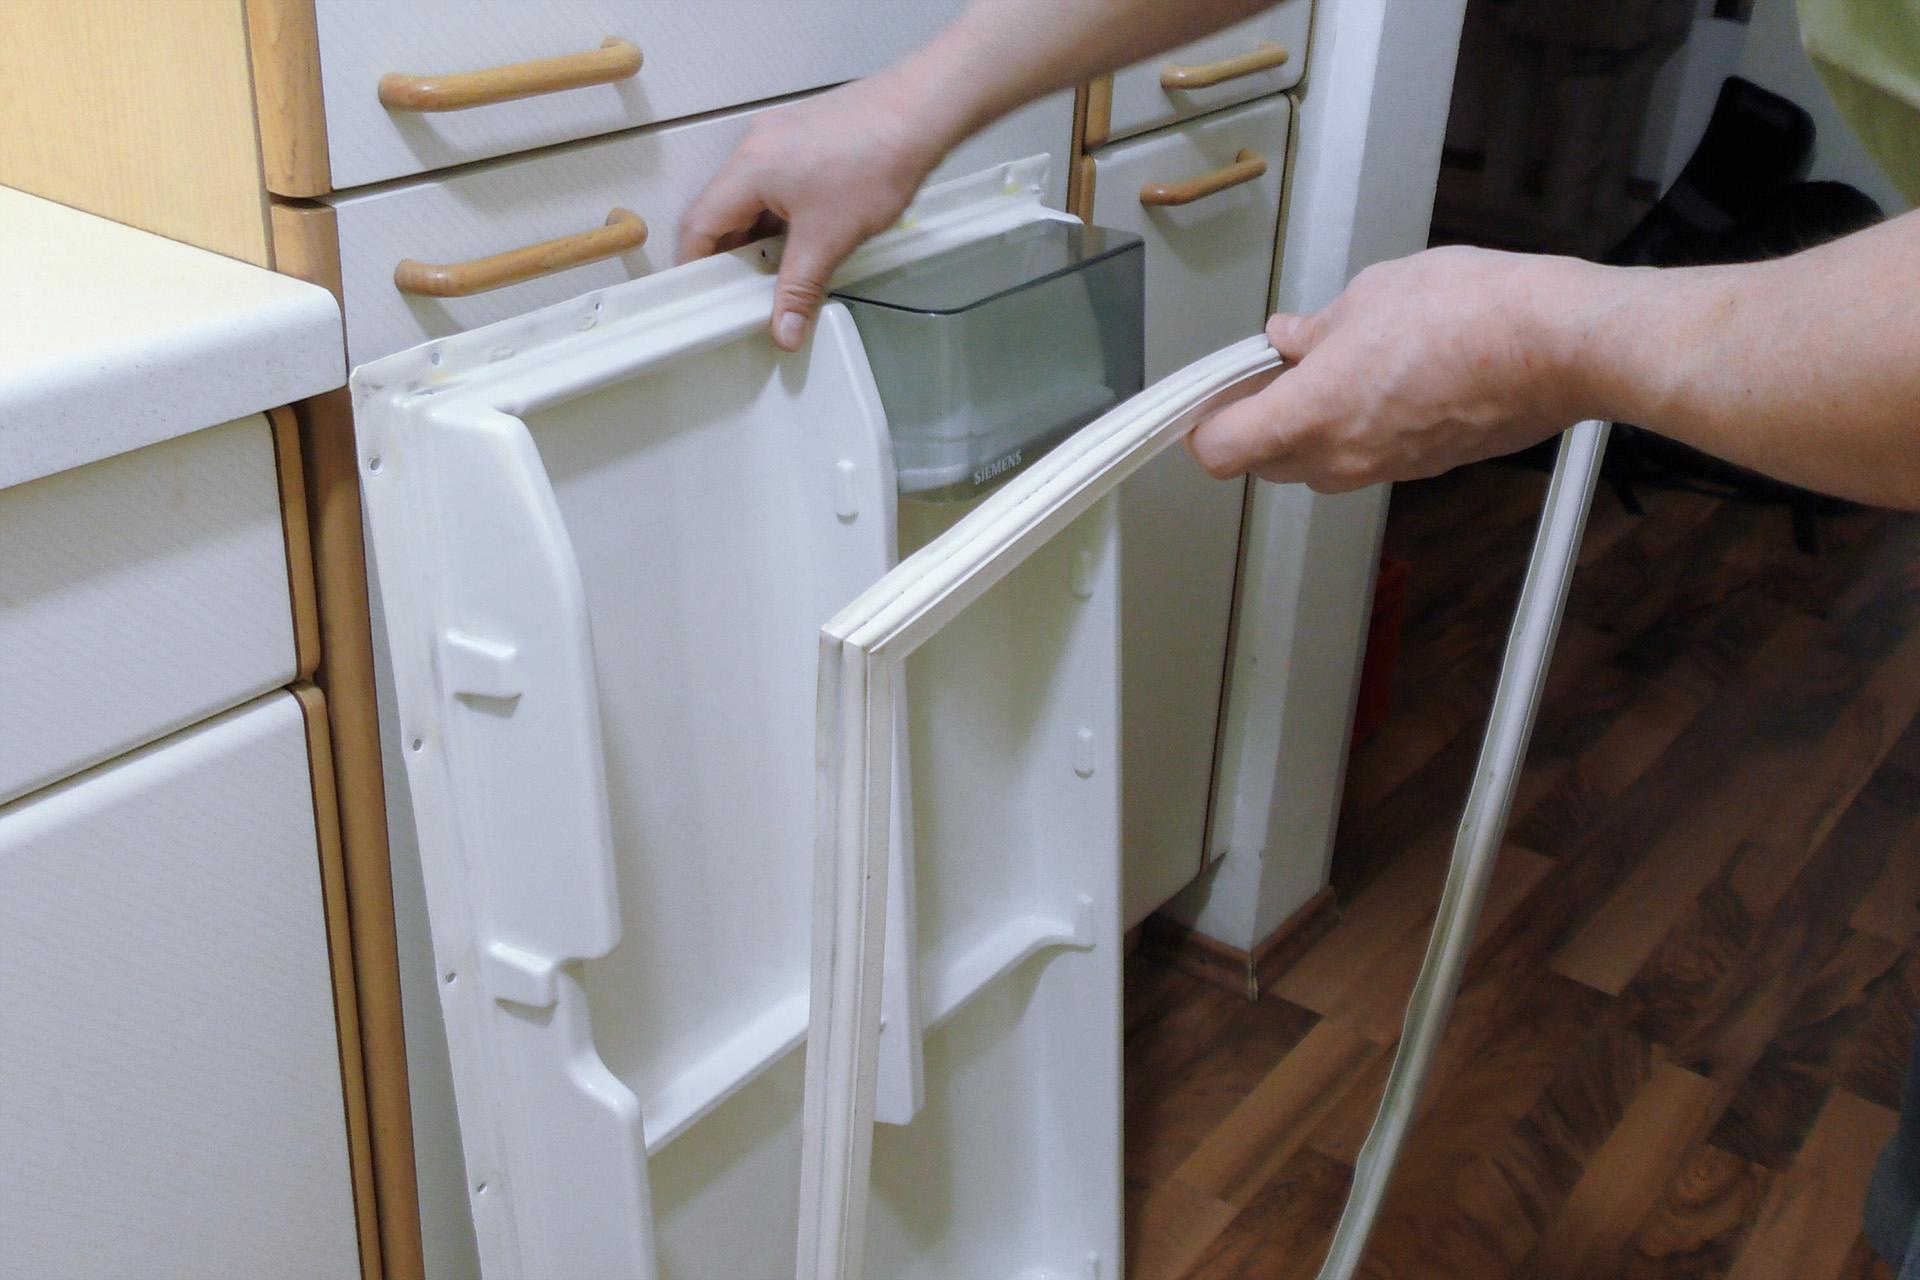 Siemens Kühlschrank Dichtung Wechseln : Kühlschrankdichtung wechseln türdichtung anleitung @ diybook.at